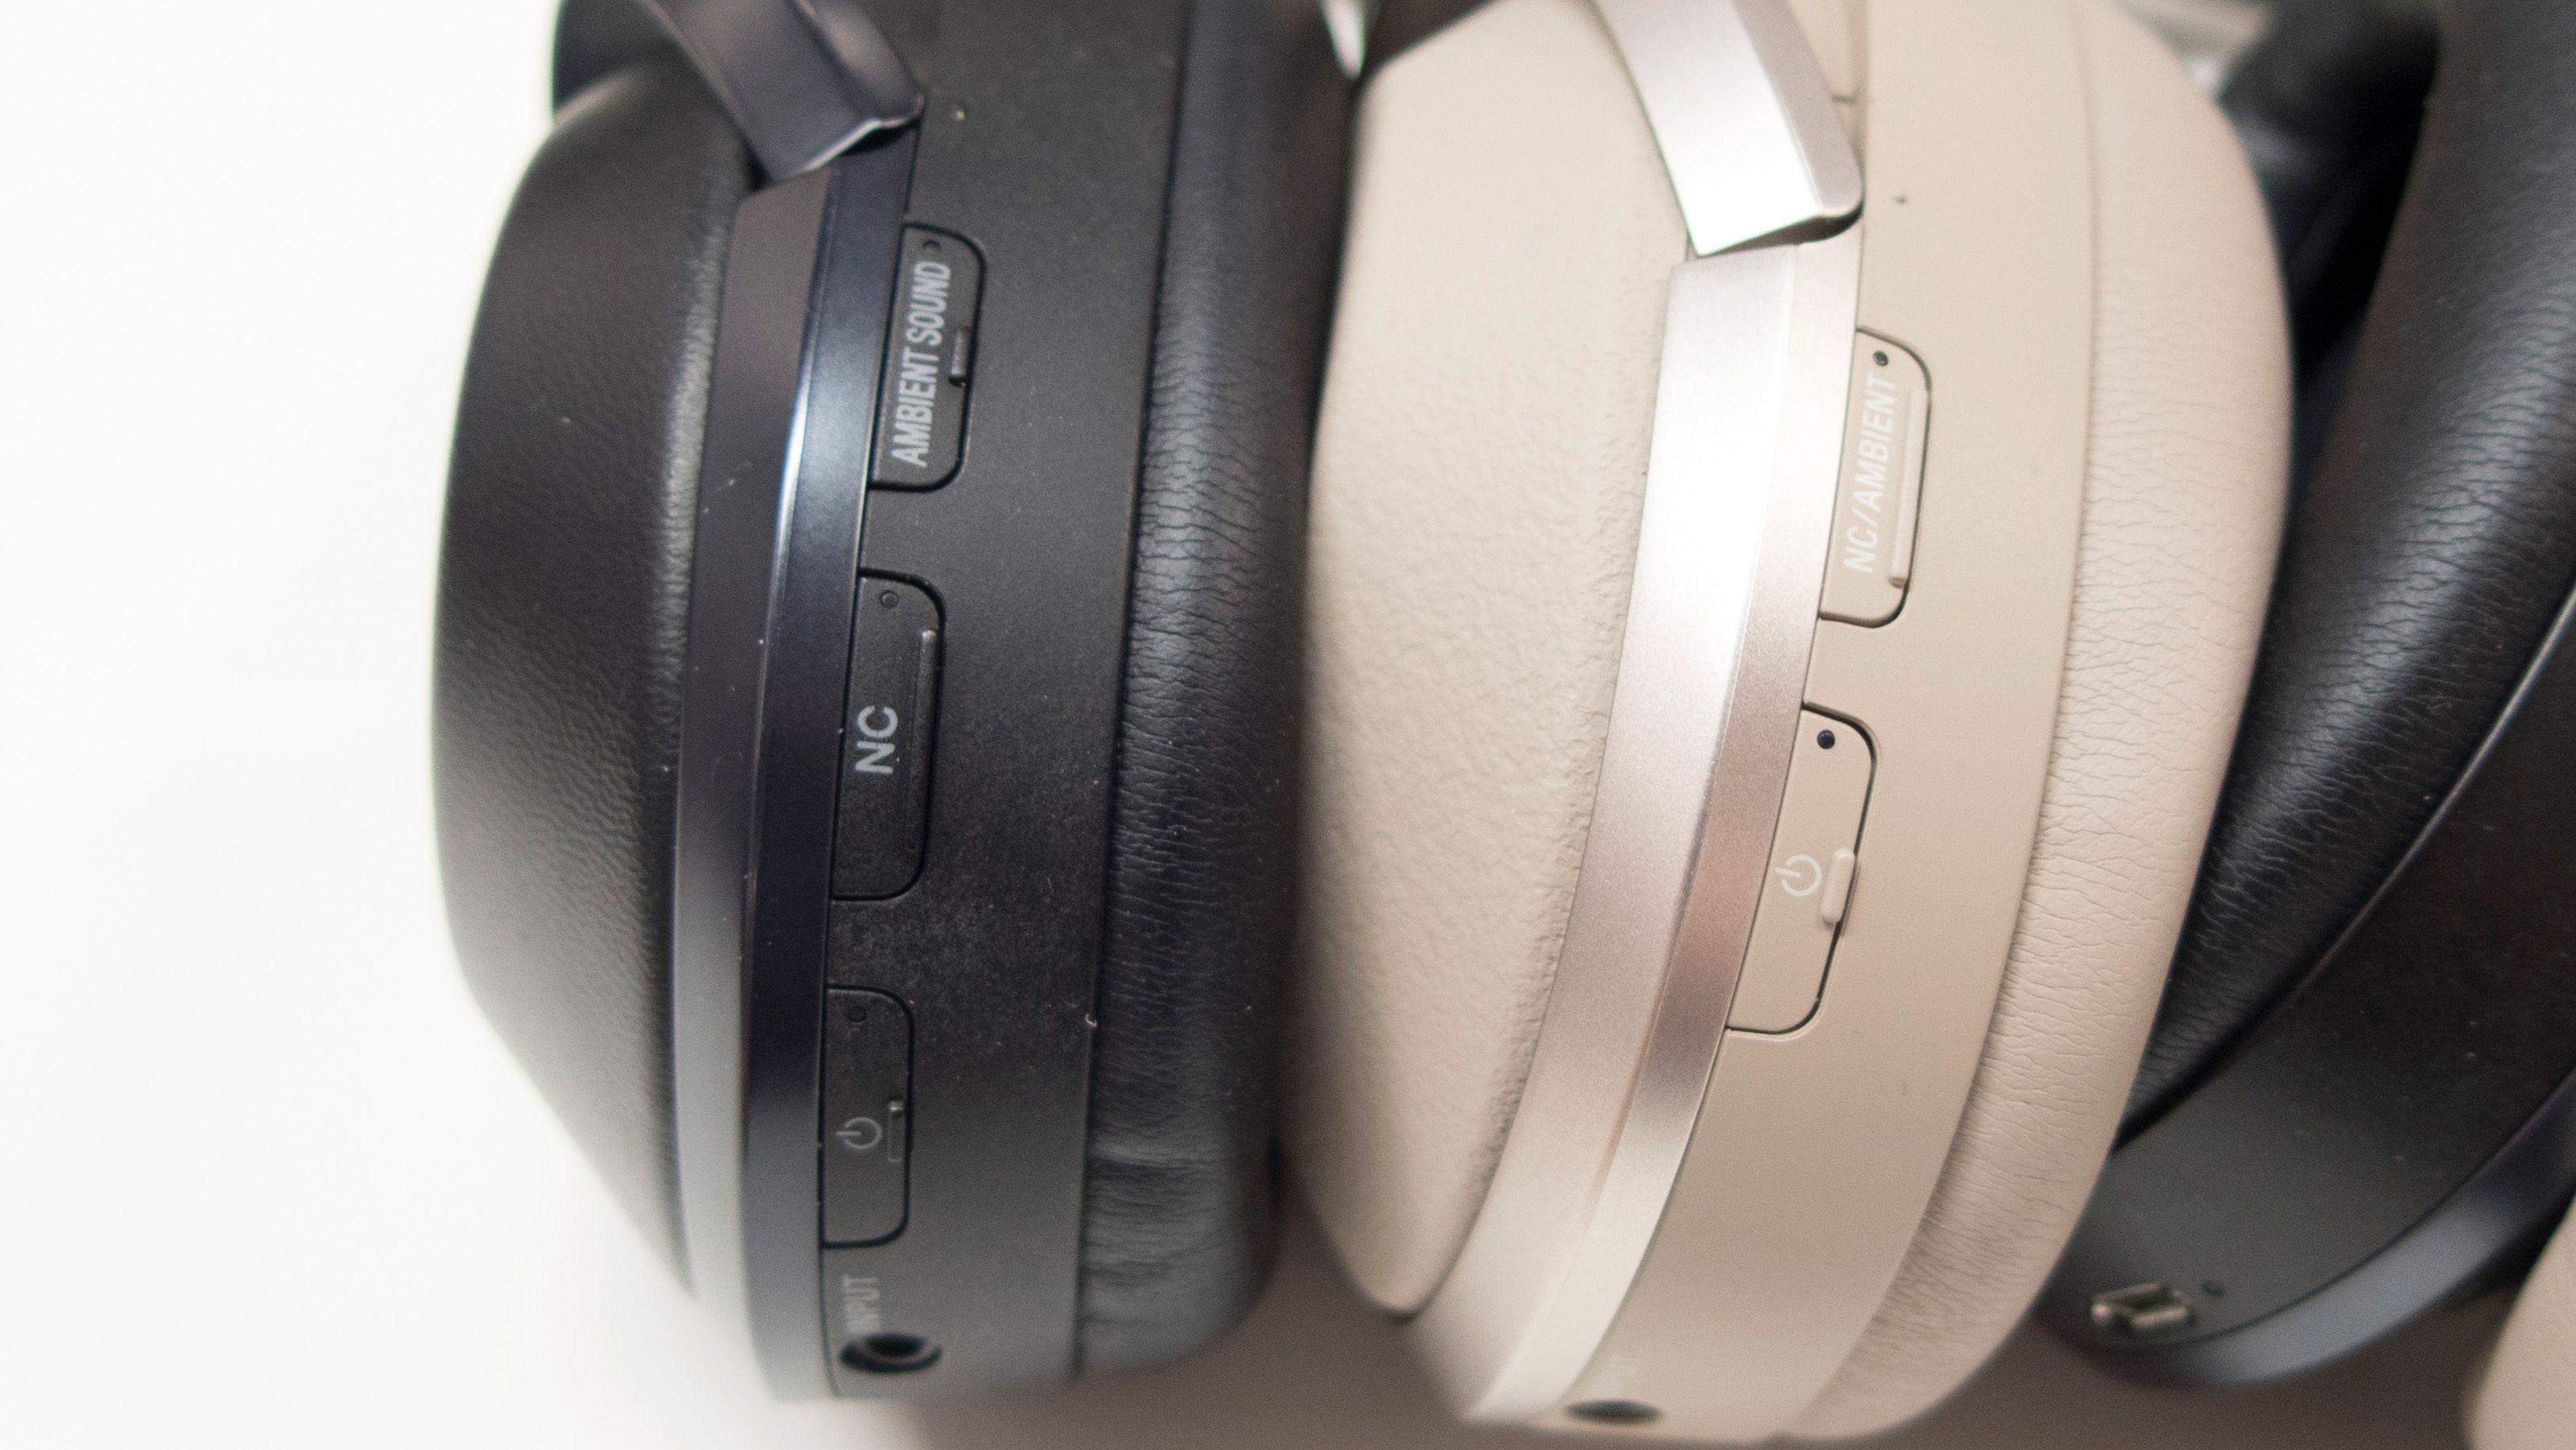 En av de få forskjellene på MDR-1000X og den nye WH-1000XM2 er antall knapper.